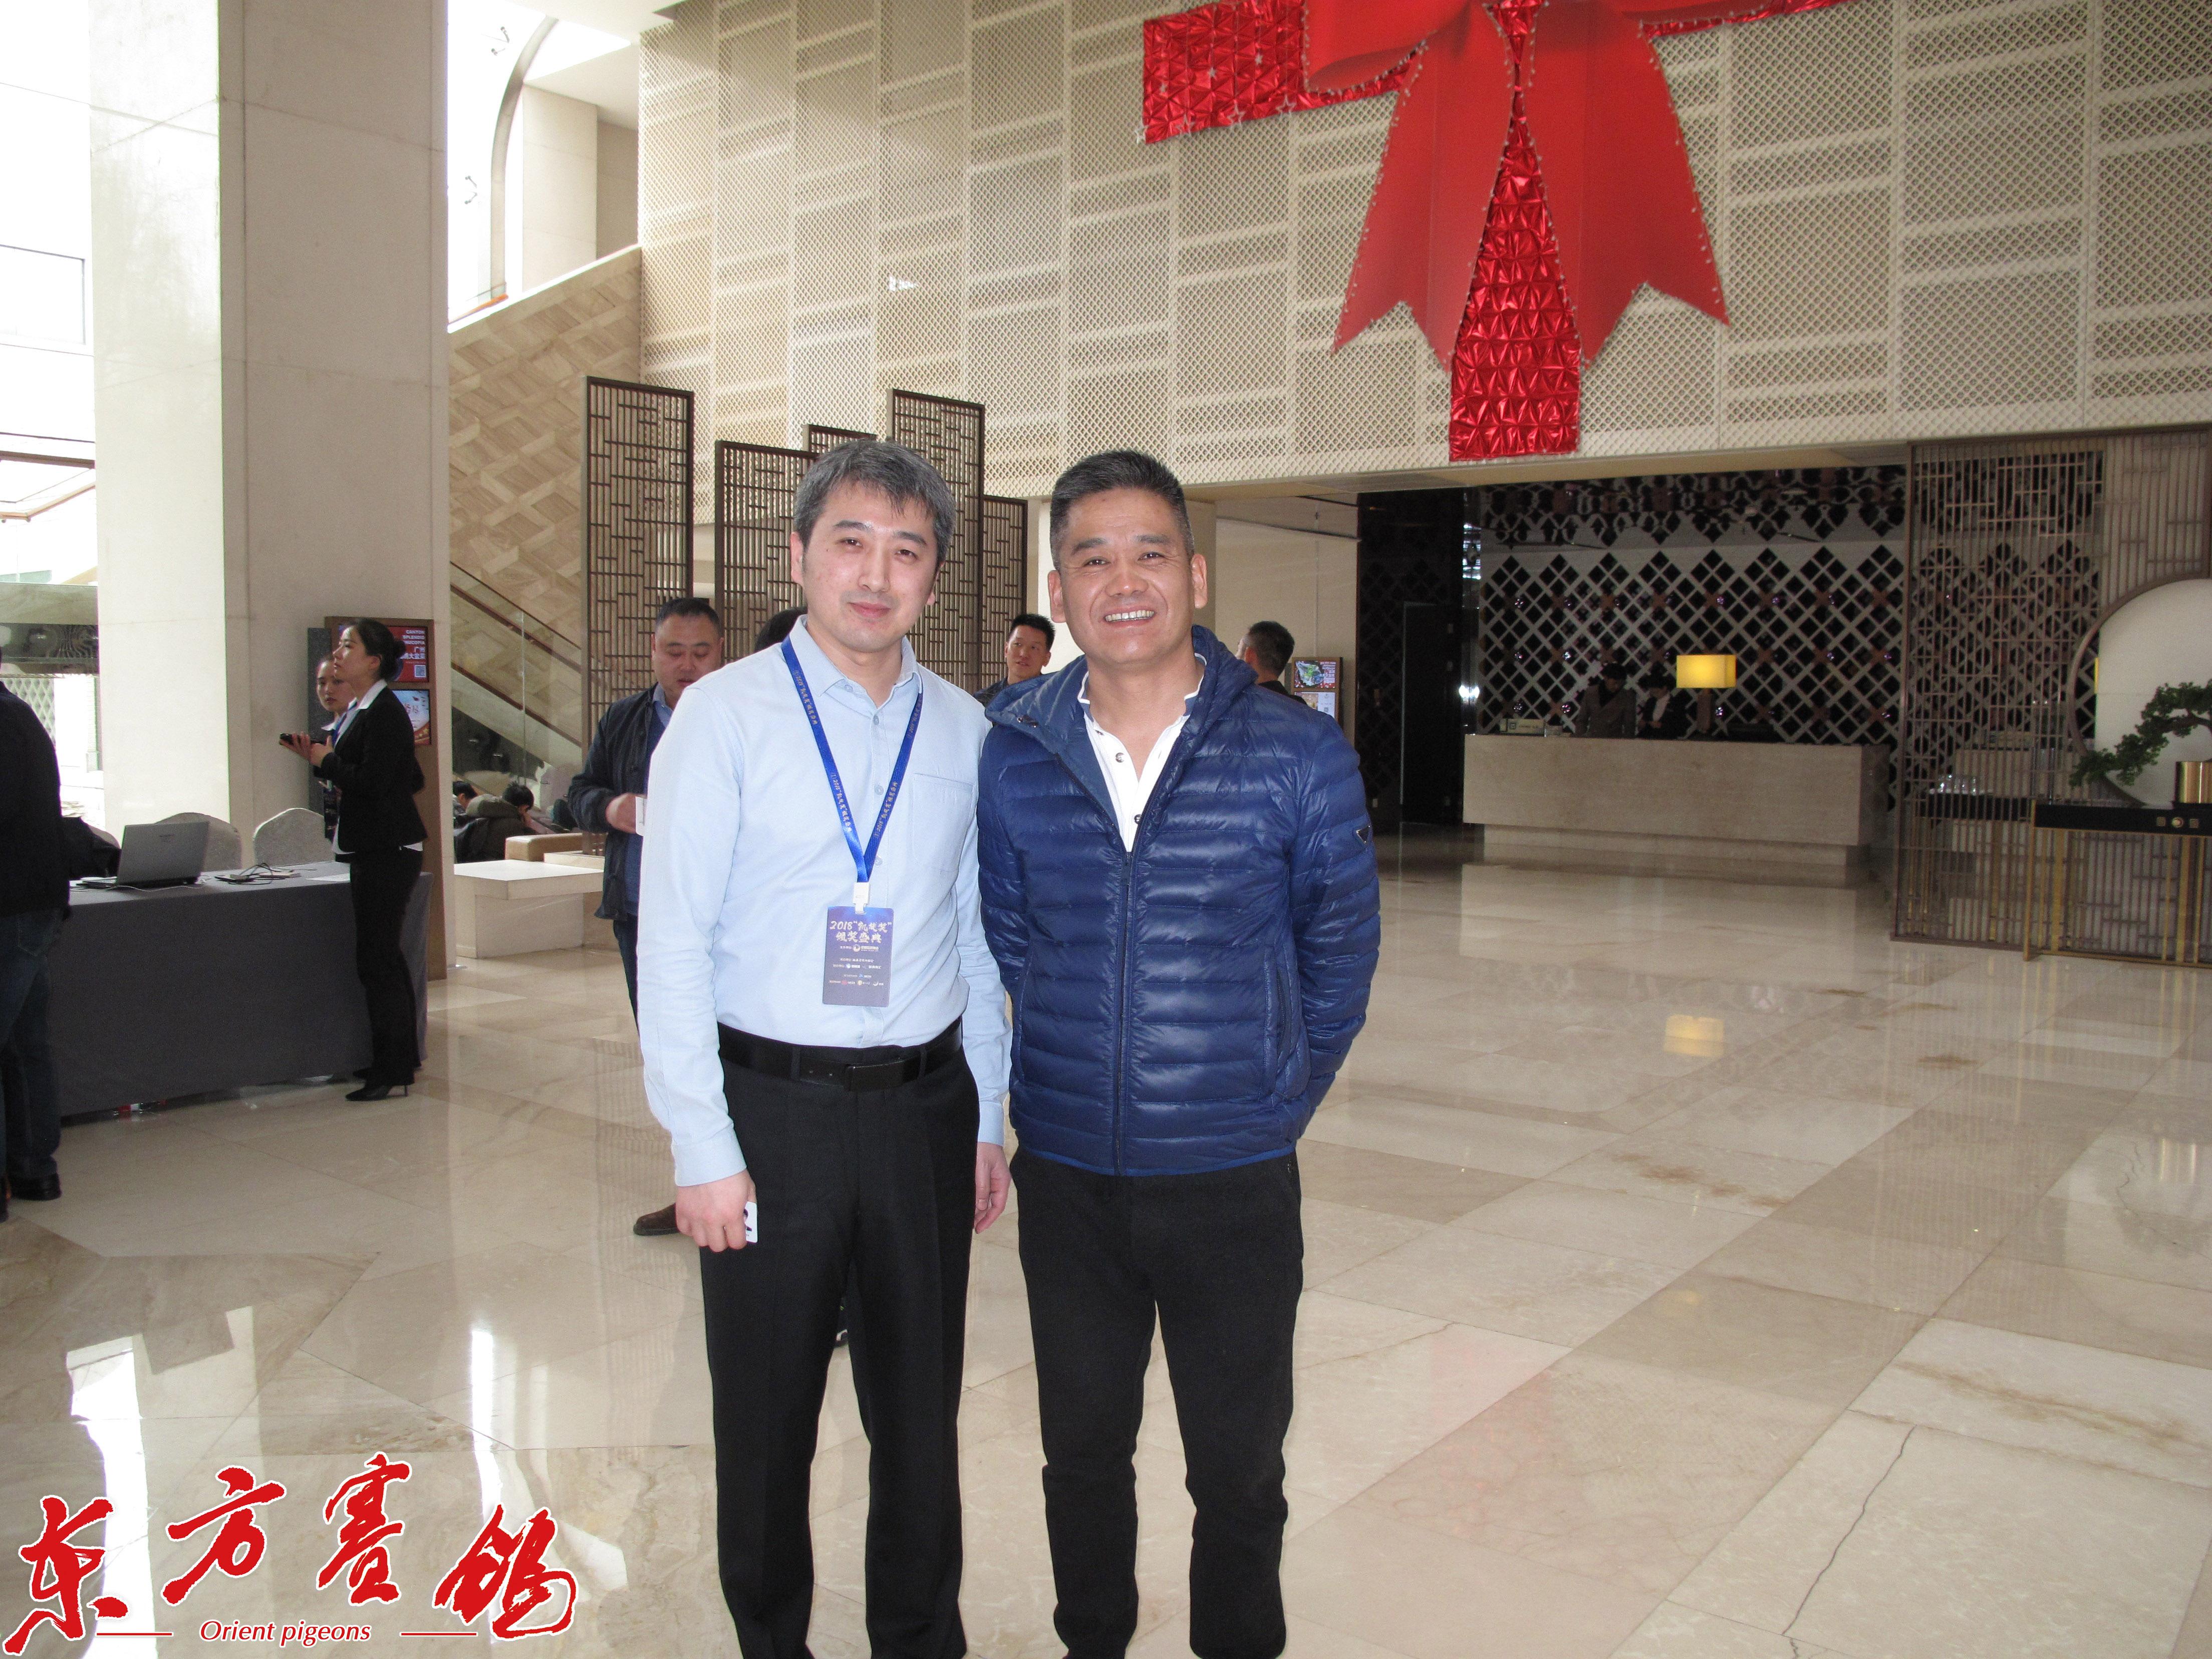 13.江苏云外水庄公棚、云外水庄俱乐部董事长高峰和中鸽协信息部主任李铮在报到大厅相逢。